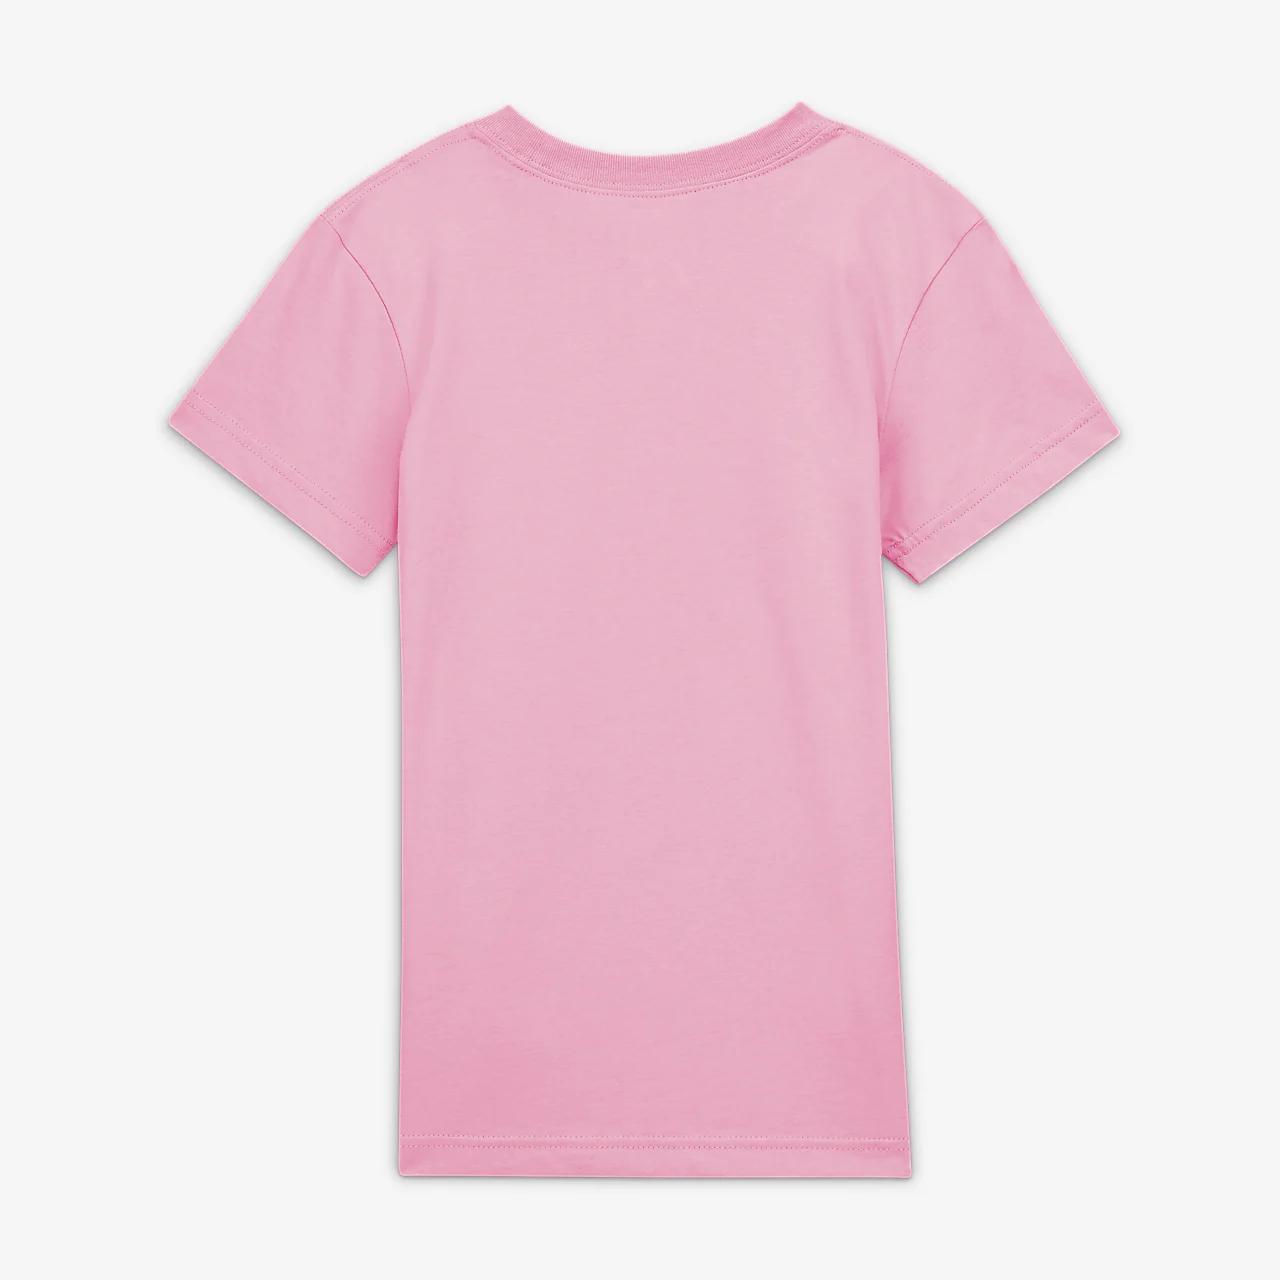 나이키 스포츠웨어 GS(걸스) 티셔츠 CZ1339-654